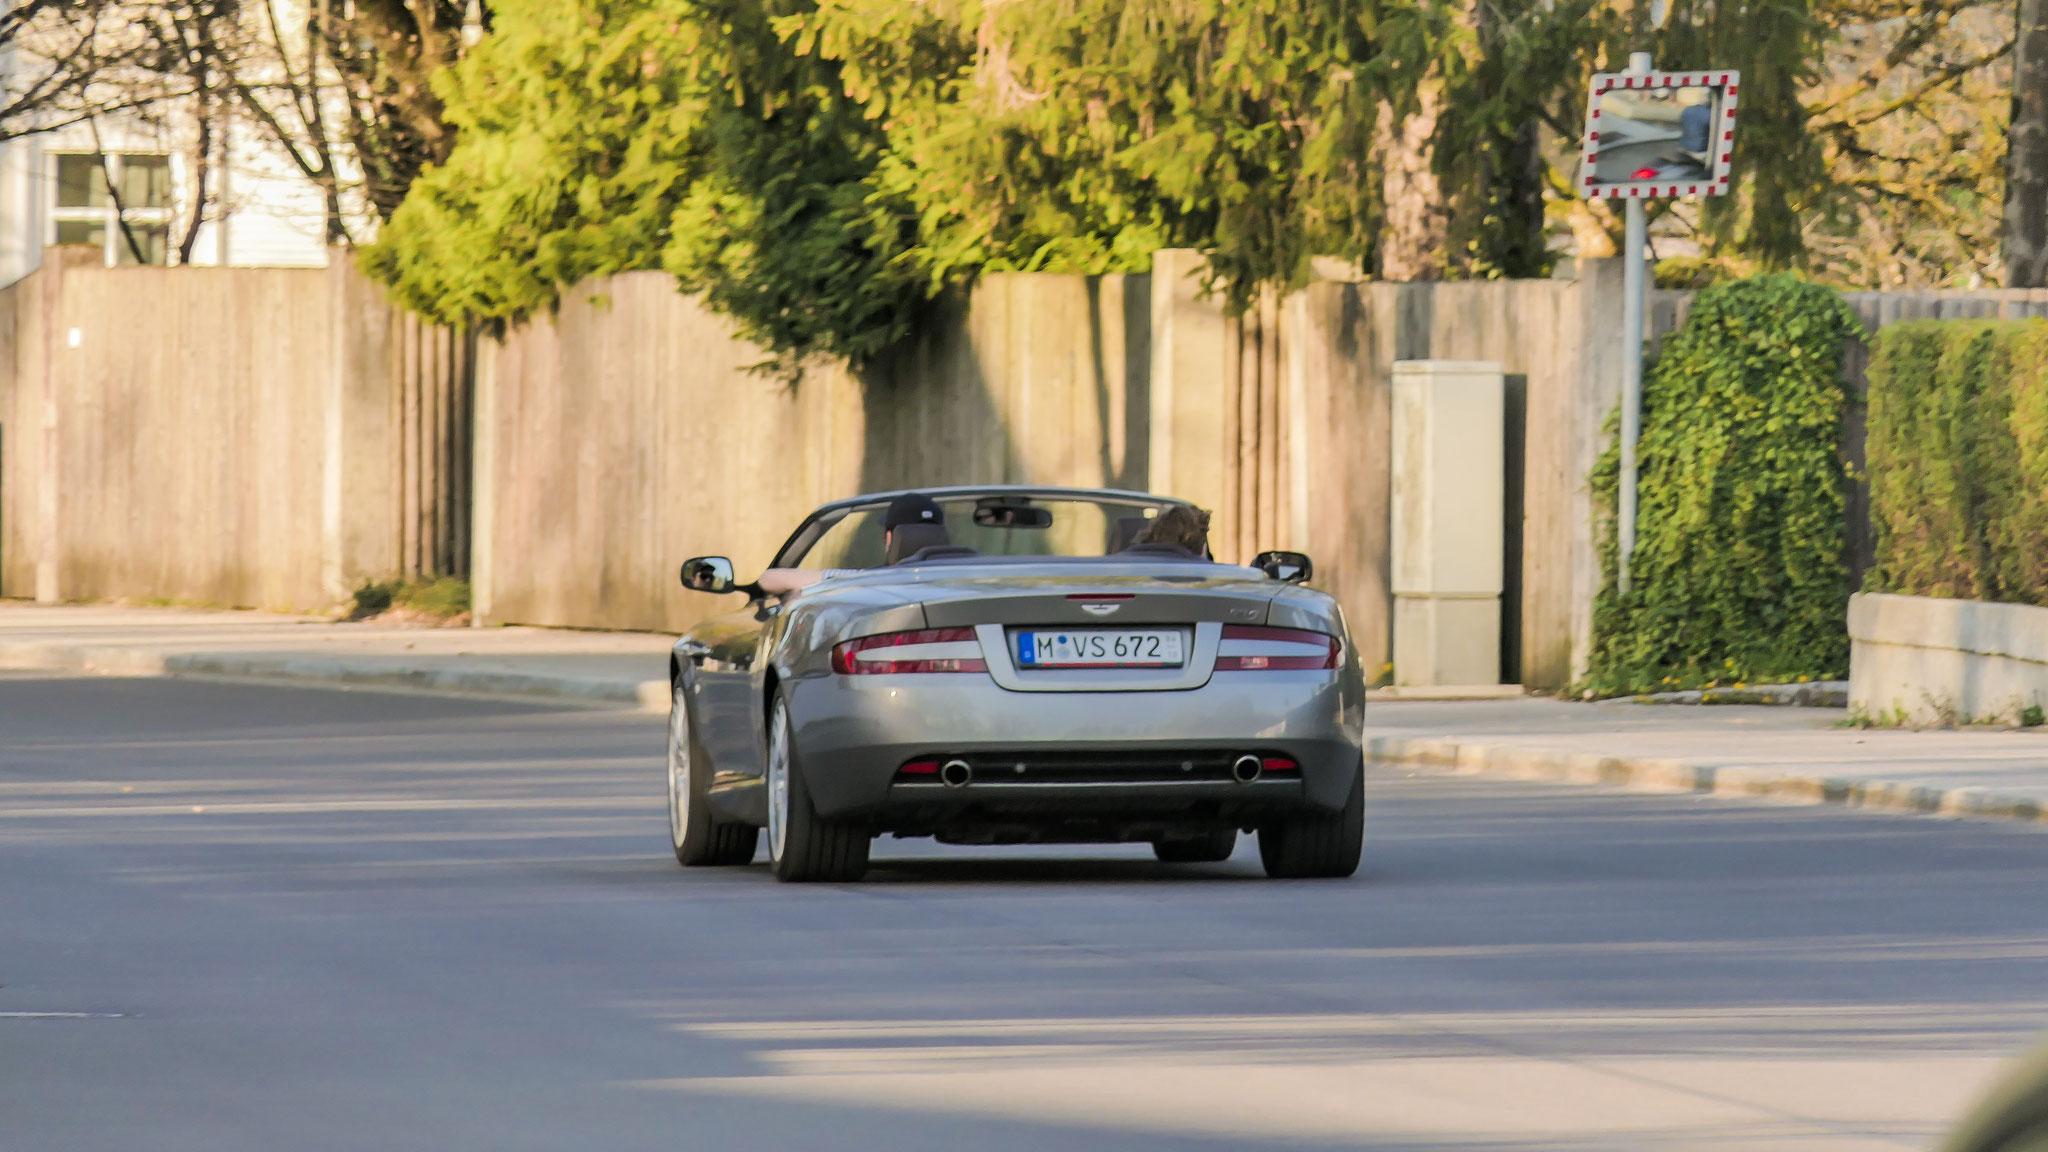 Aston Martin DB9 Volante - M-VS-672